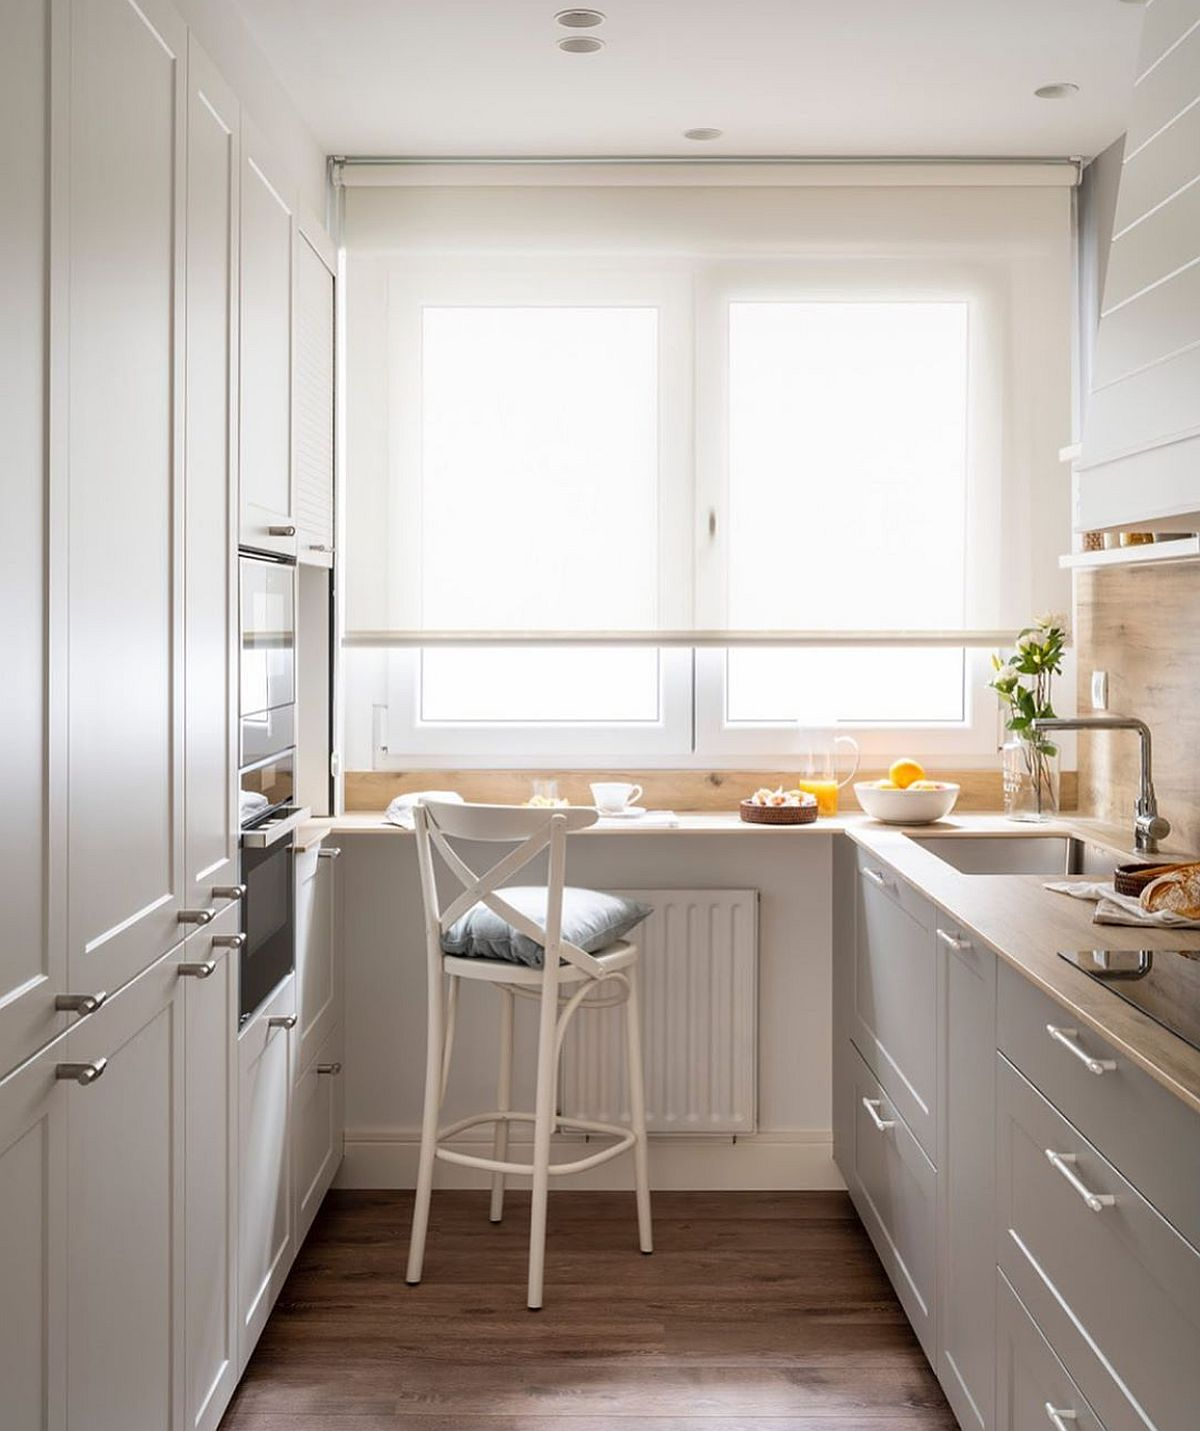 Când există o lățime suficientă pe partea opusă peretelui cu instalații, aici se poate gândi un ansamblu de mobilier până în plafon, unde să fie incluse atât electrocasnicele mari (combină frigorifică, cuptoare), cât și spațiile de depozitare a veselei și a alimentelor.